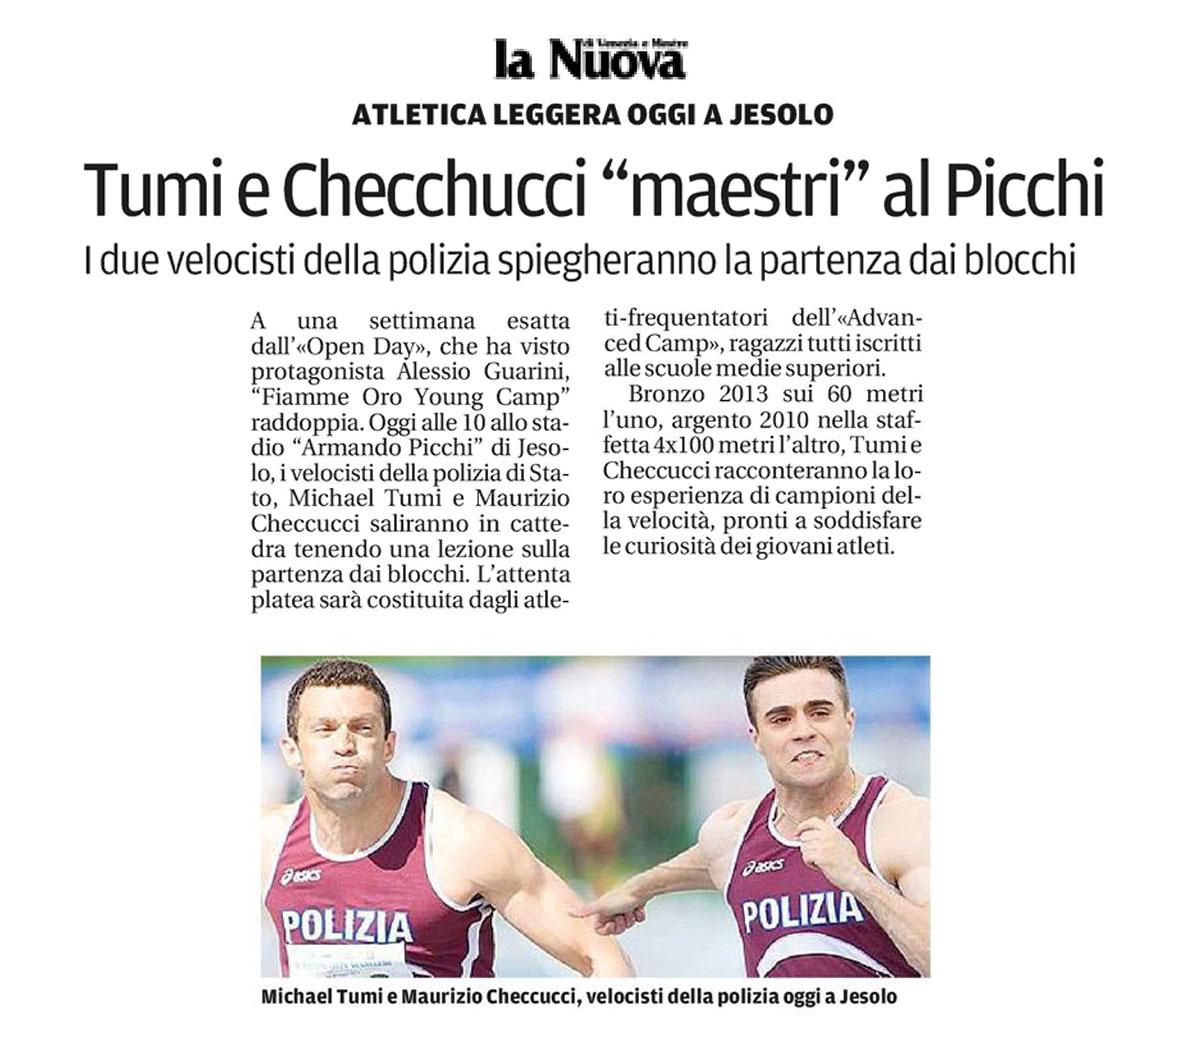 La Nuova Venezia 26 06 2014